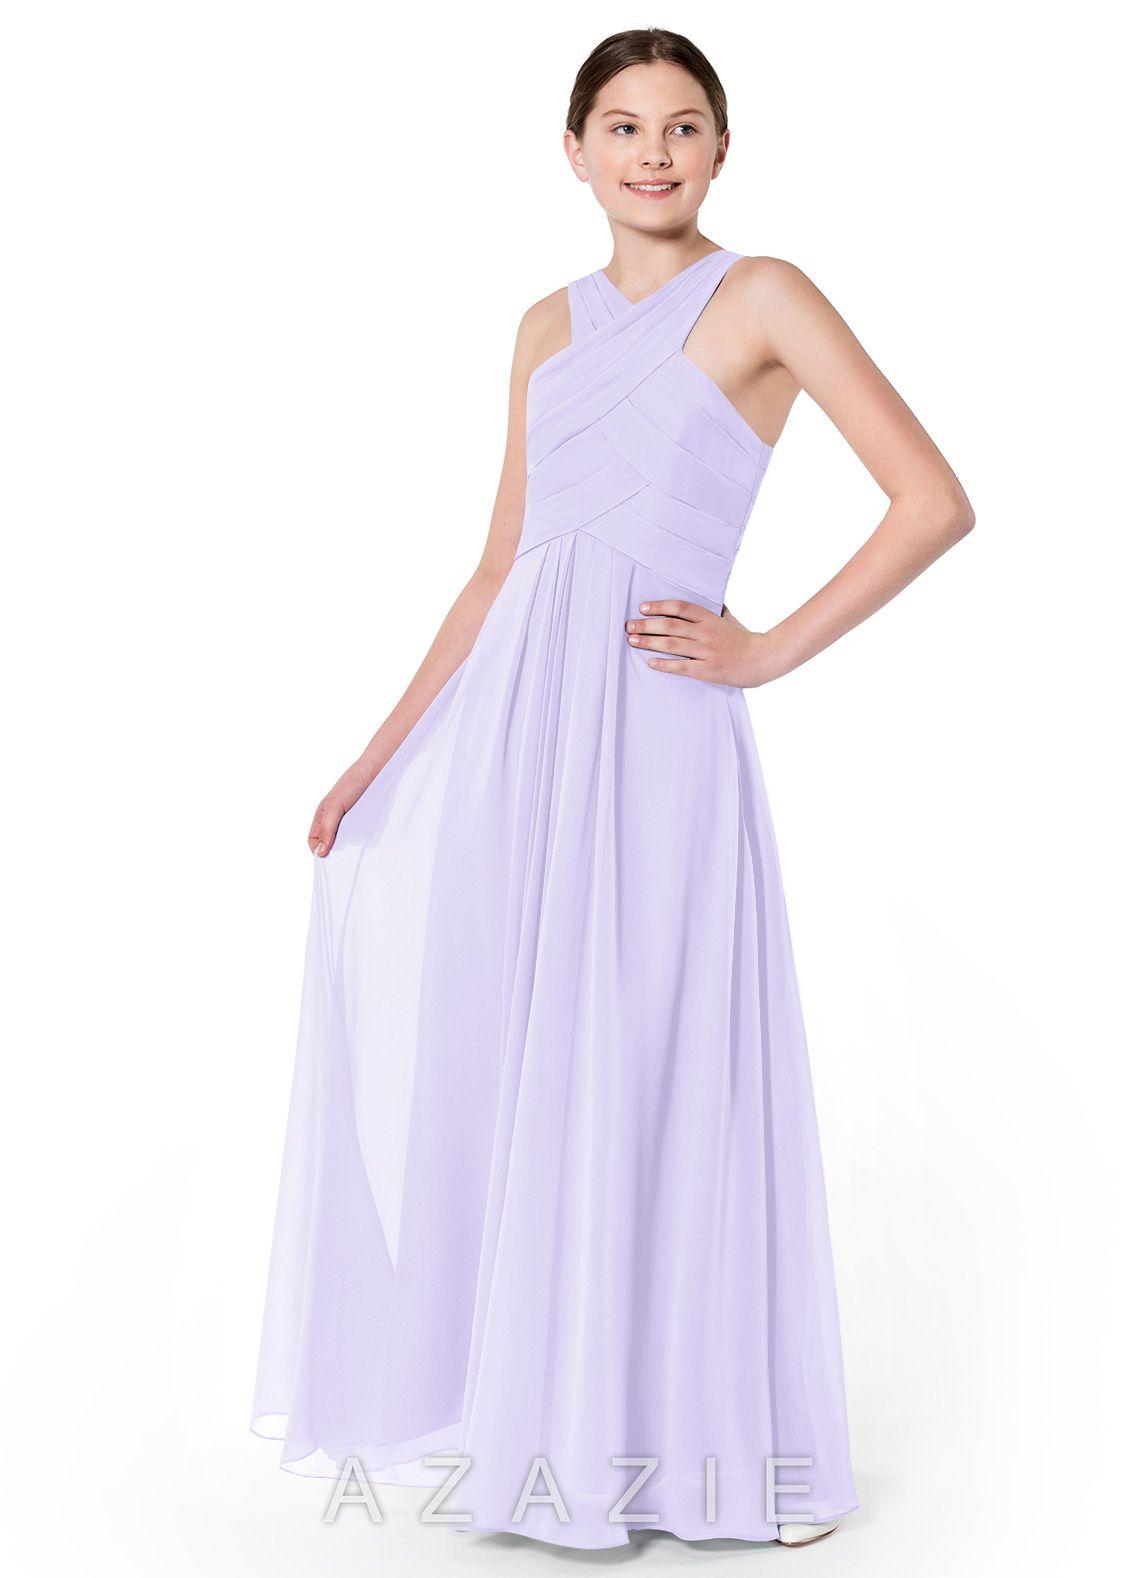 cee9f373d32 Azazie Kaleigh JBD Junior Bridesmaid Dress